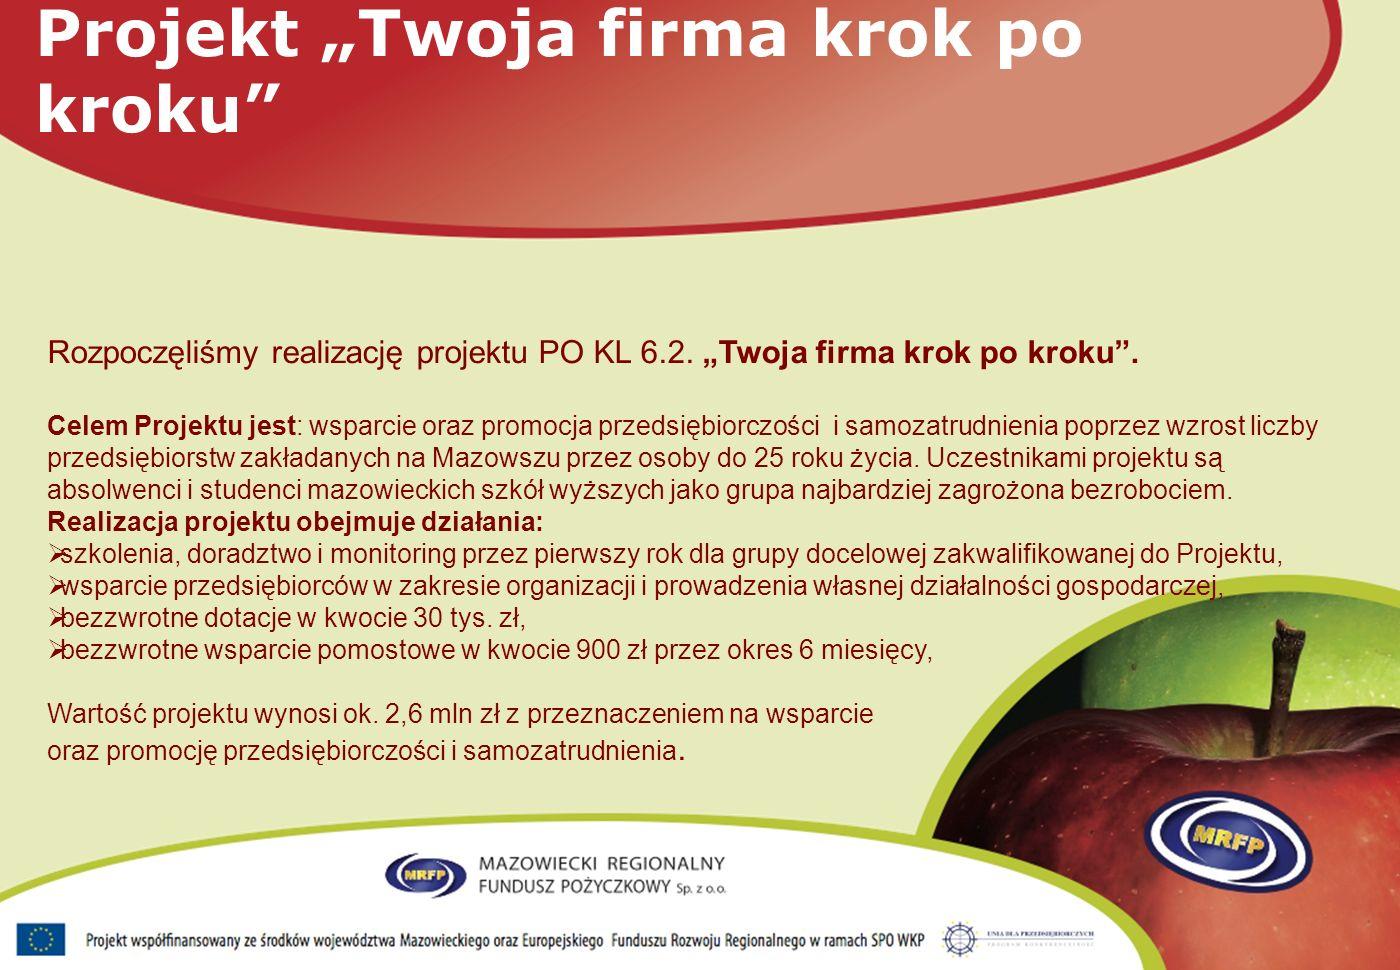 Rozpoczęliśmy realizację projektu PO KL 6.2. Twoja firma krok po kroku.